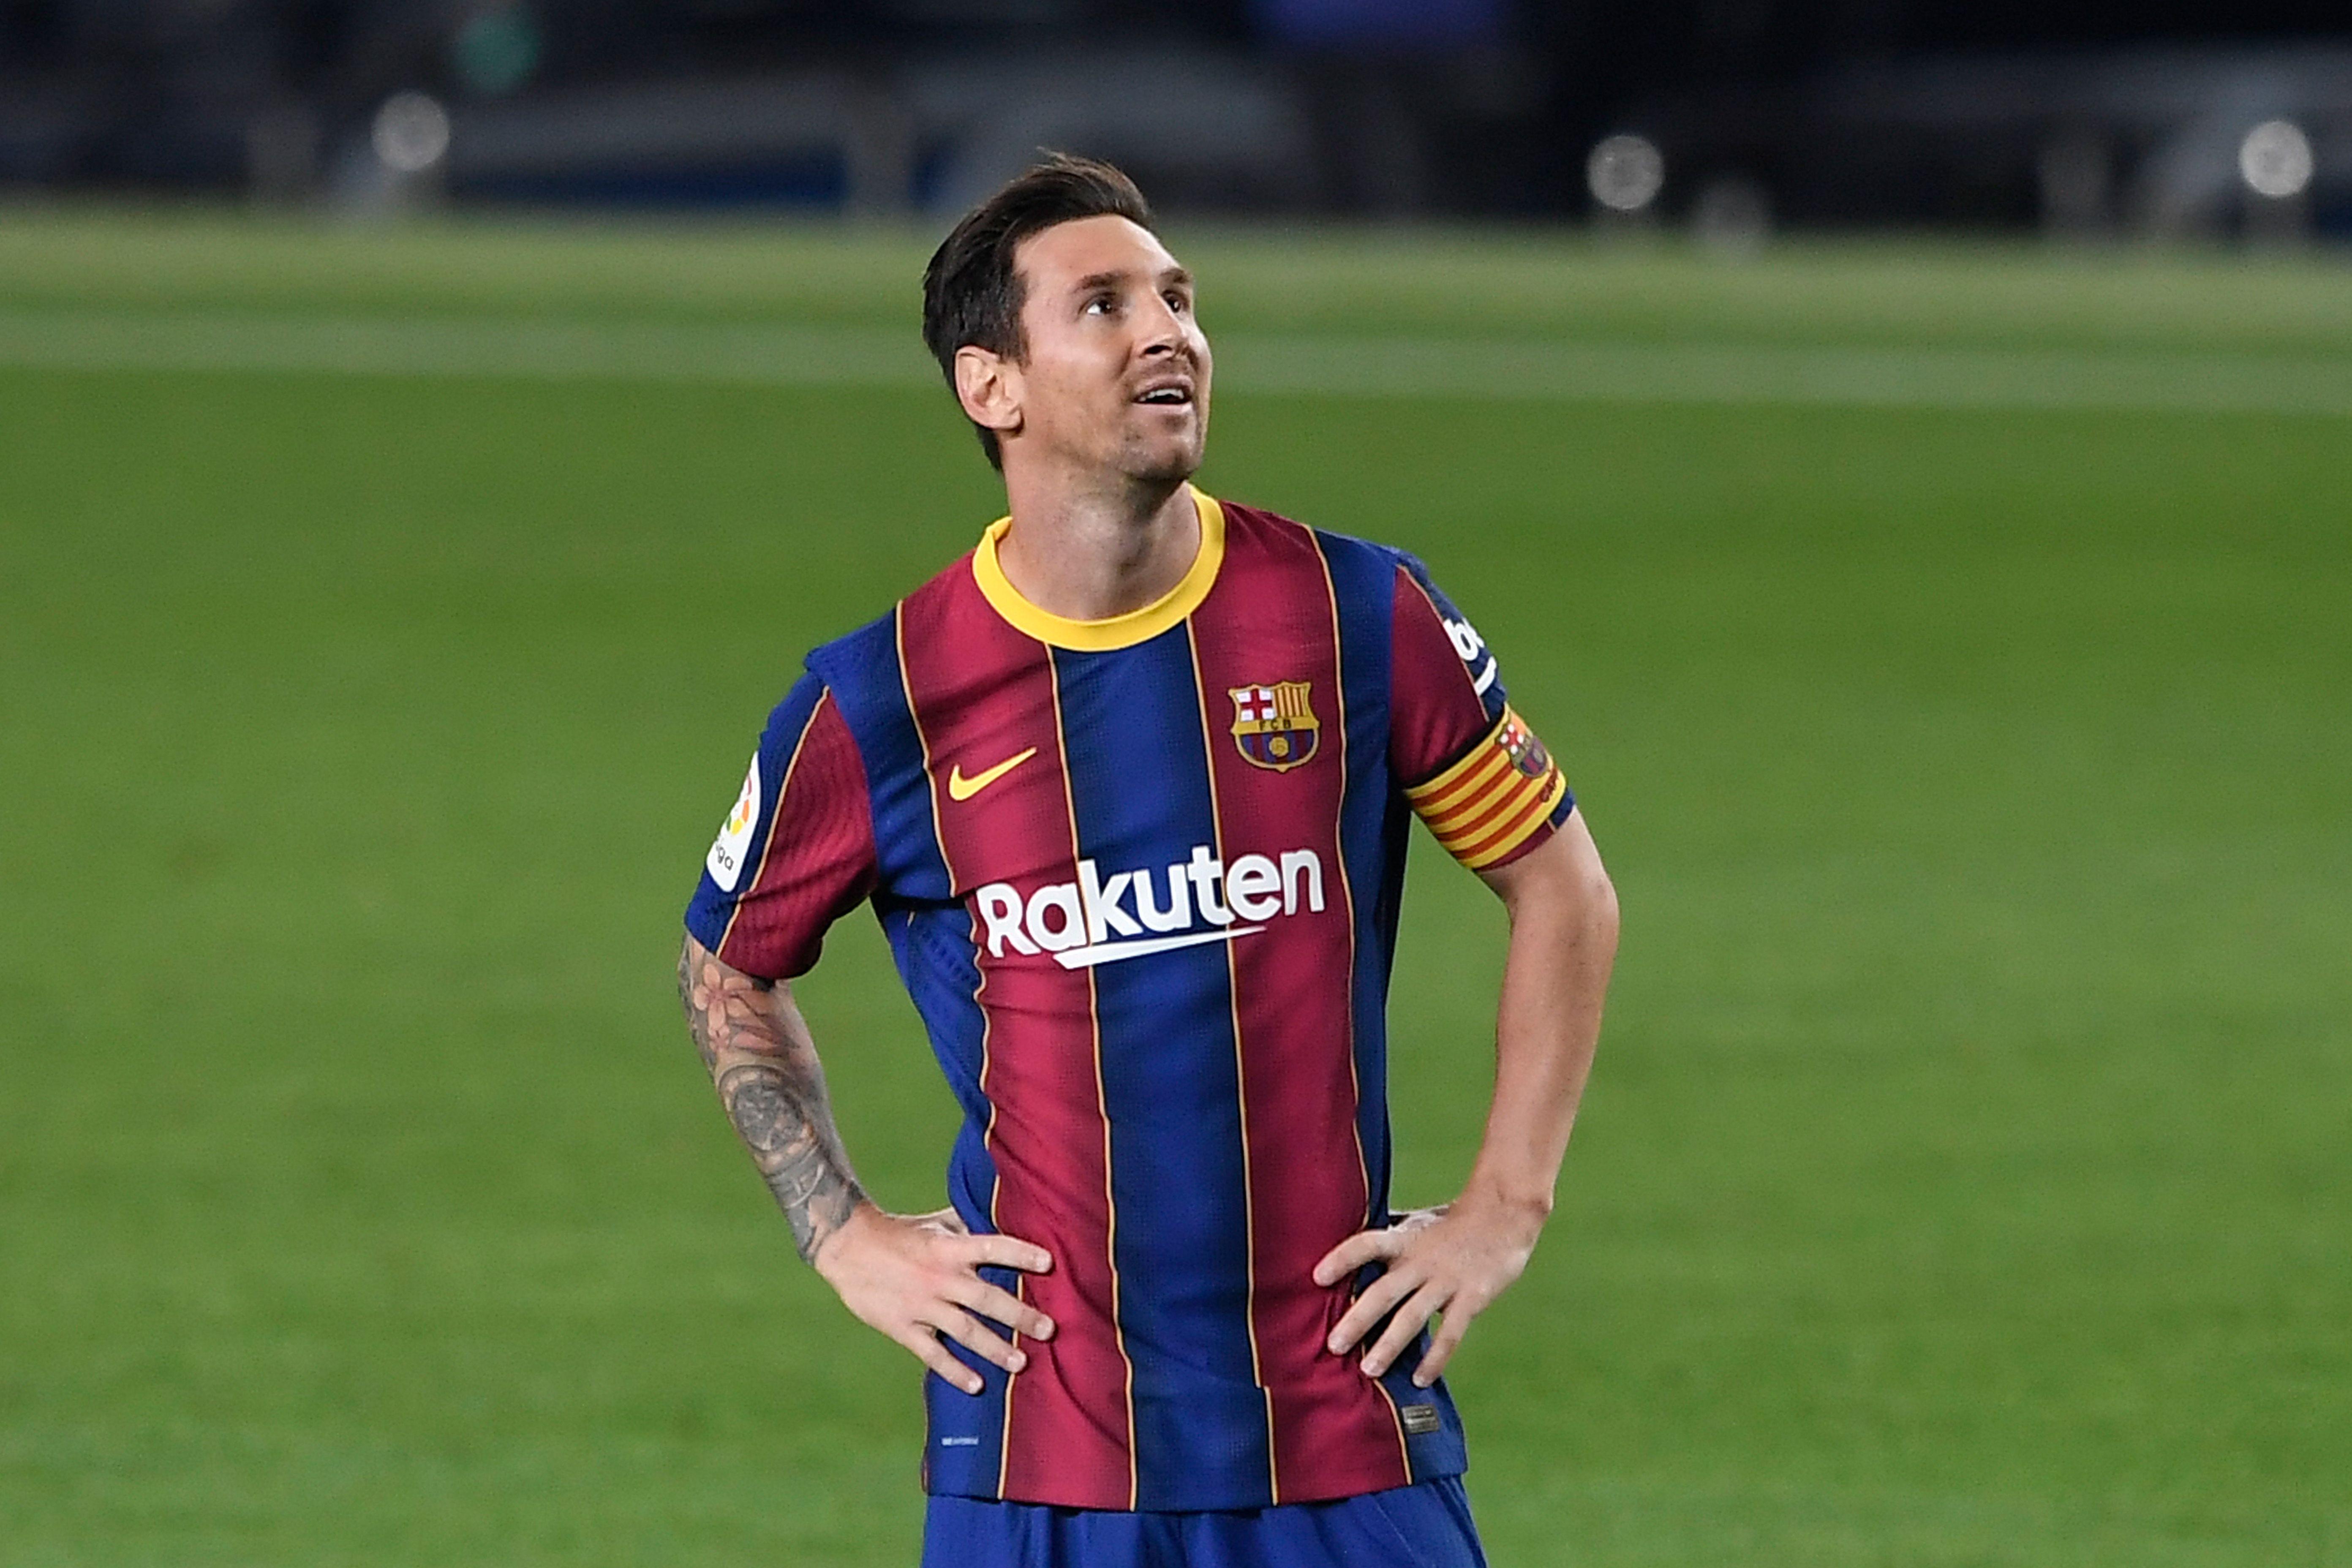 Leidenschaftlicher Appell an Fans: Messi gibt Fehler zu